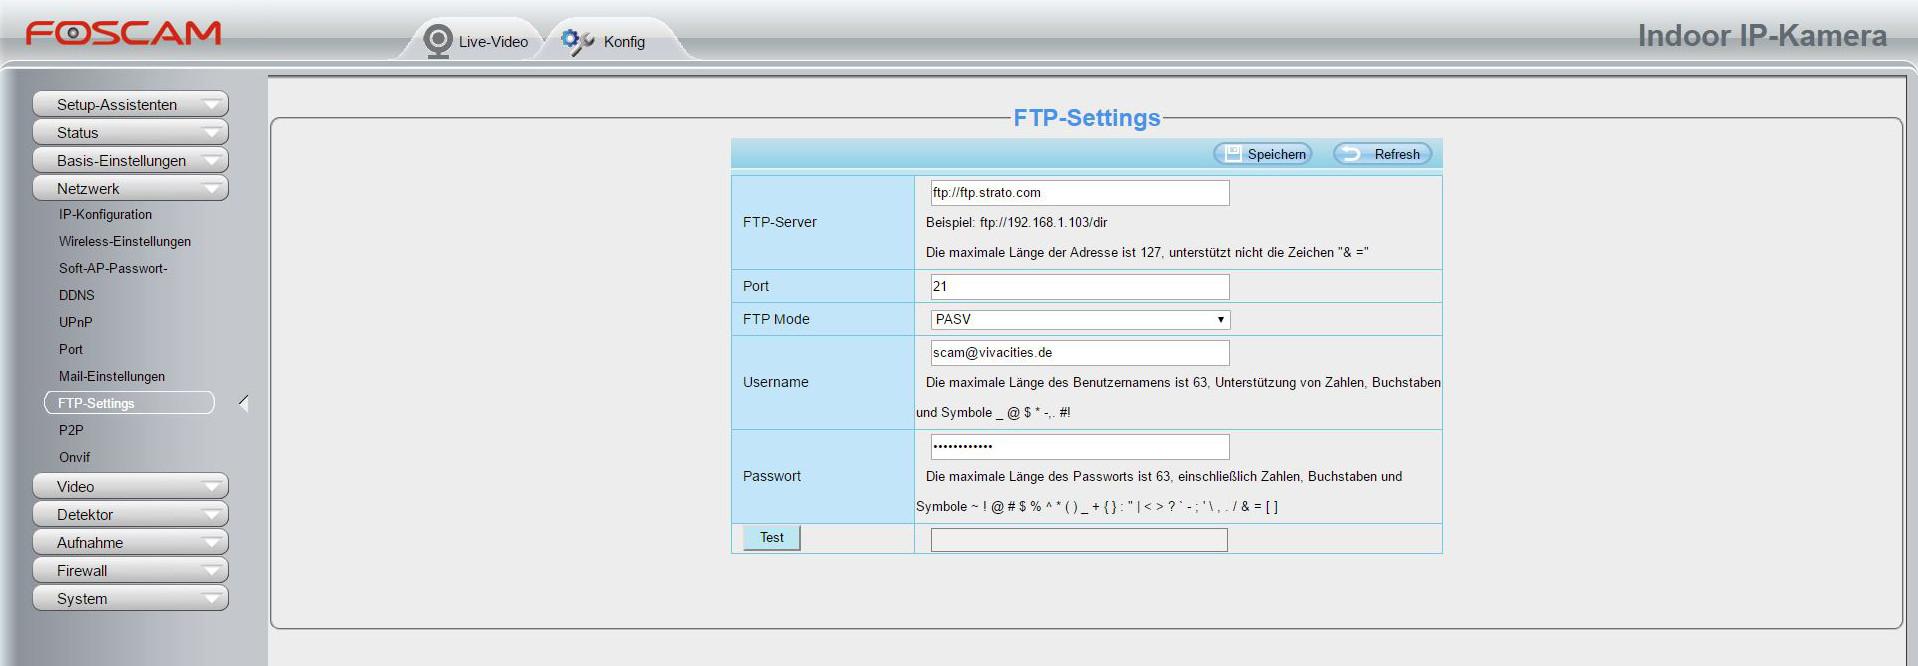 Foscam Alarmeinstellung FTP